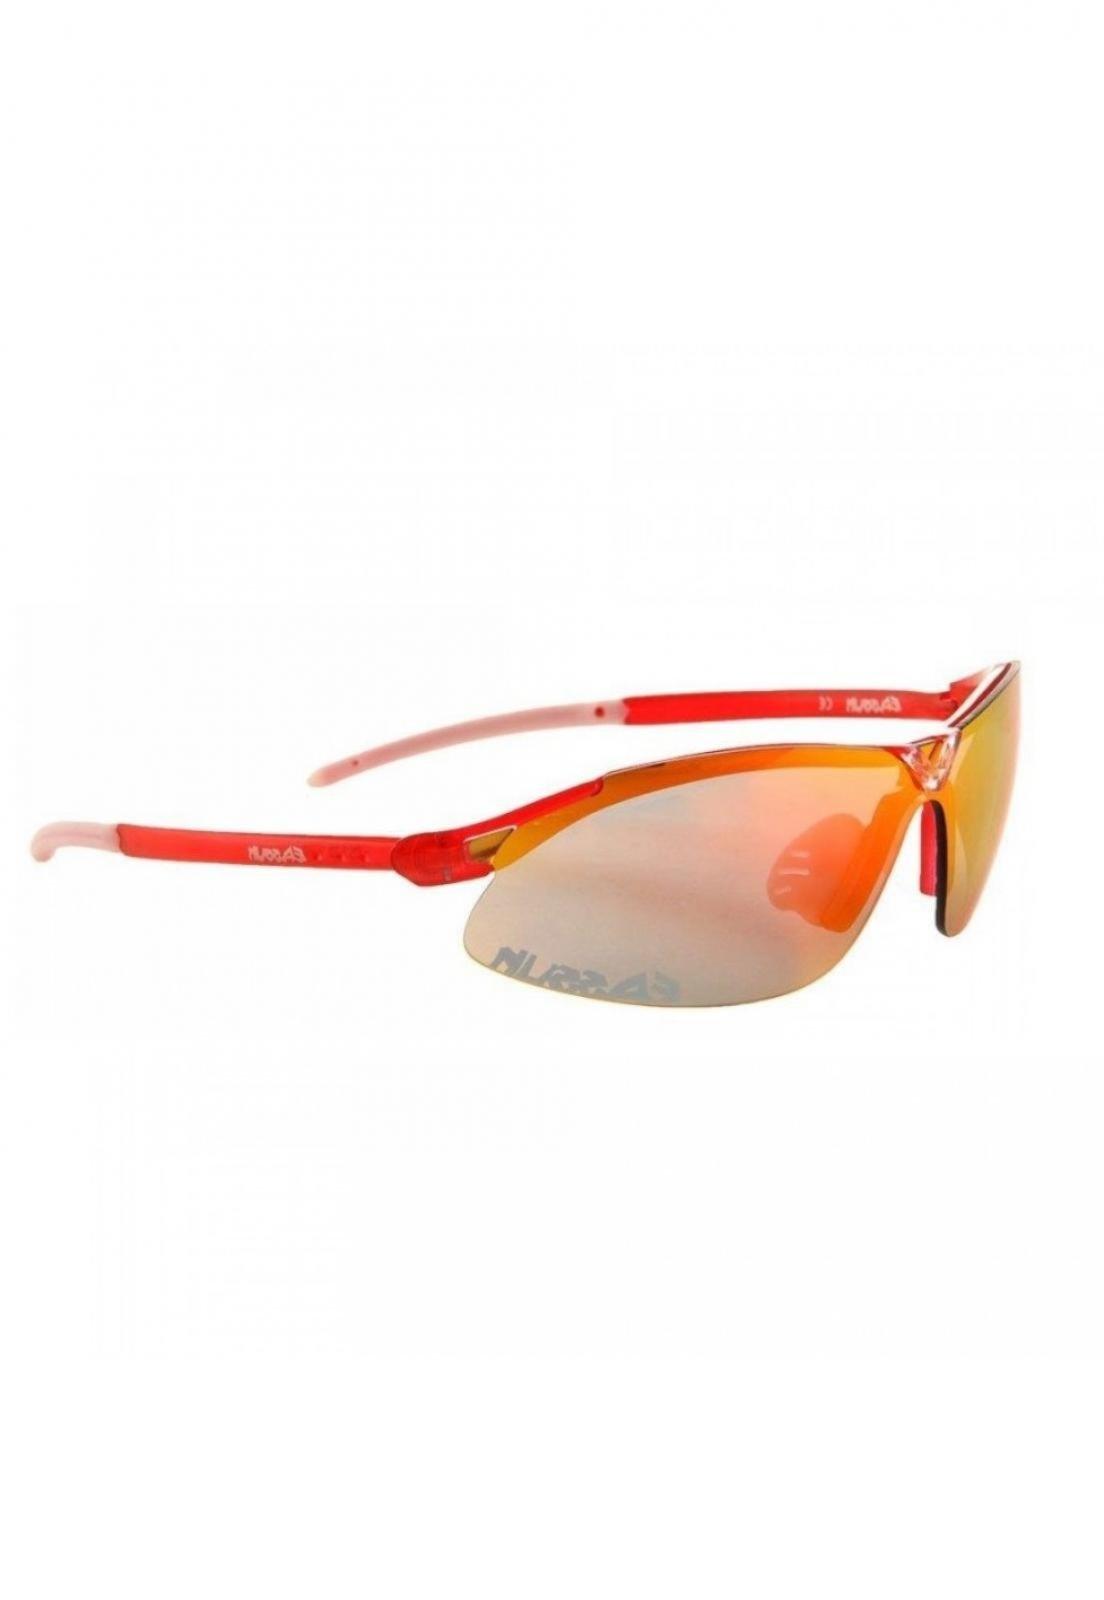 Óculos Eassun X Light 8022 Armação Vermelha Lente Espelhada Vermelha Revo. - Compre Agora